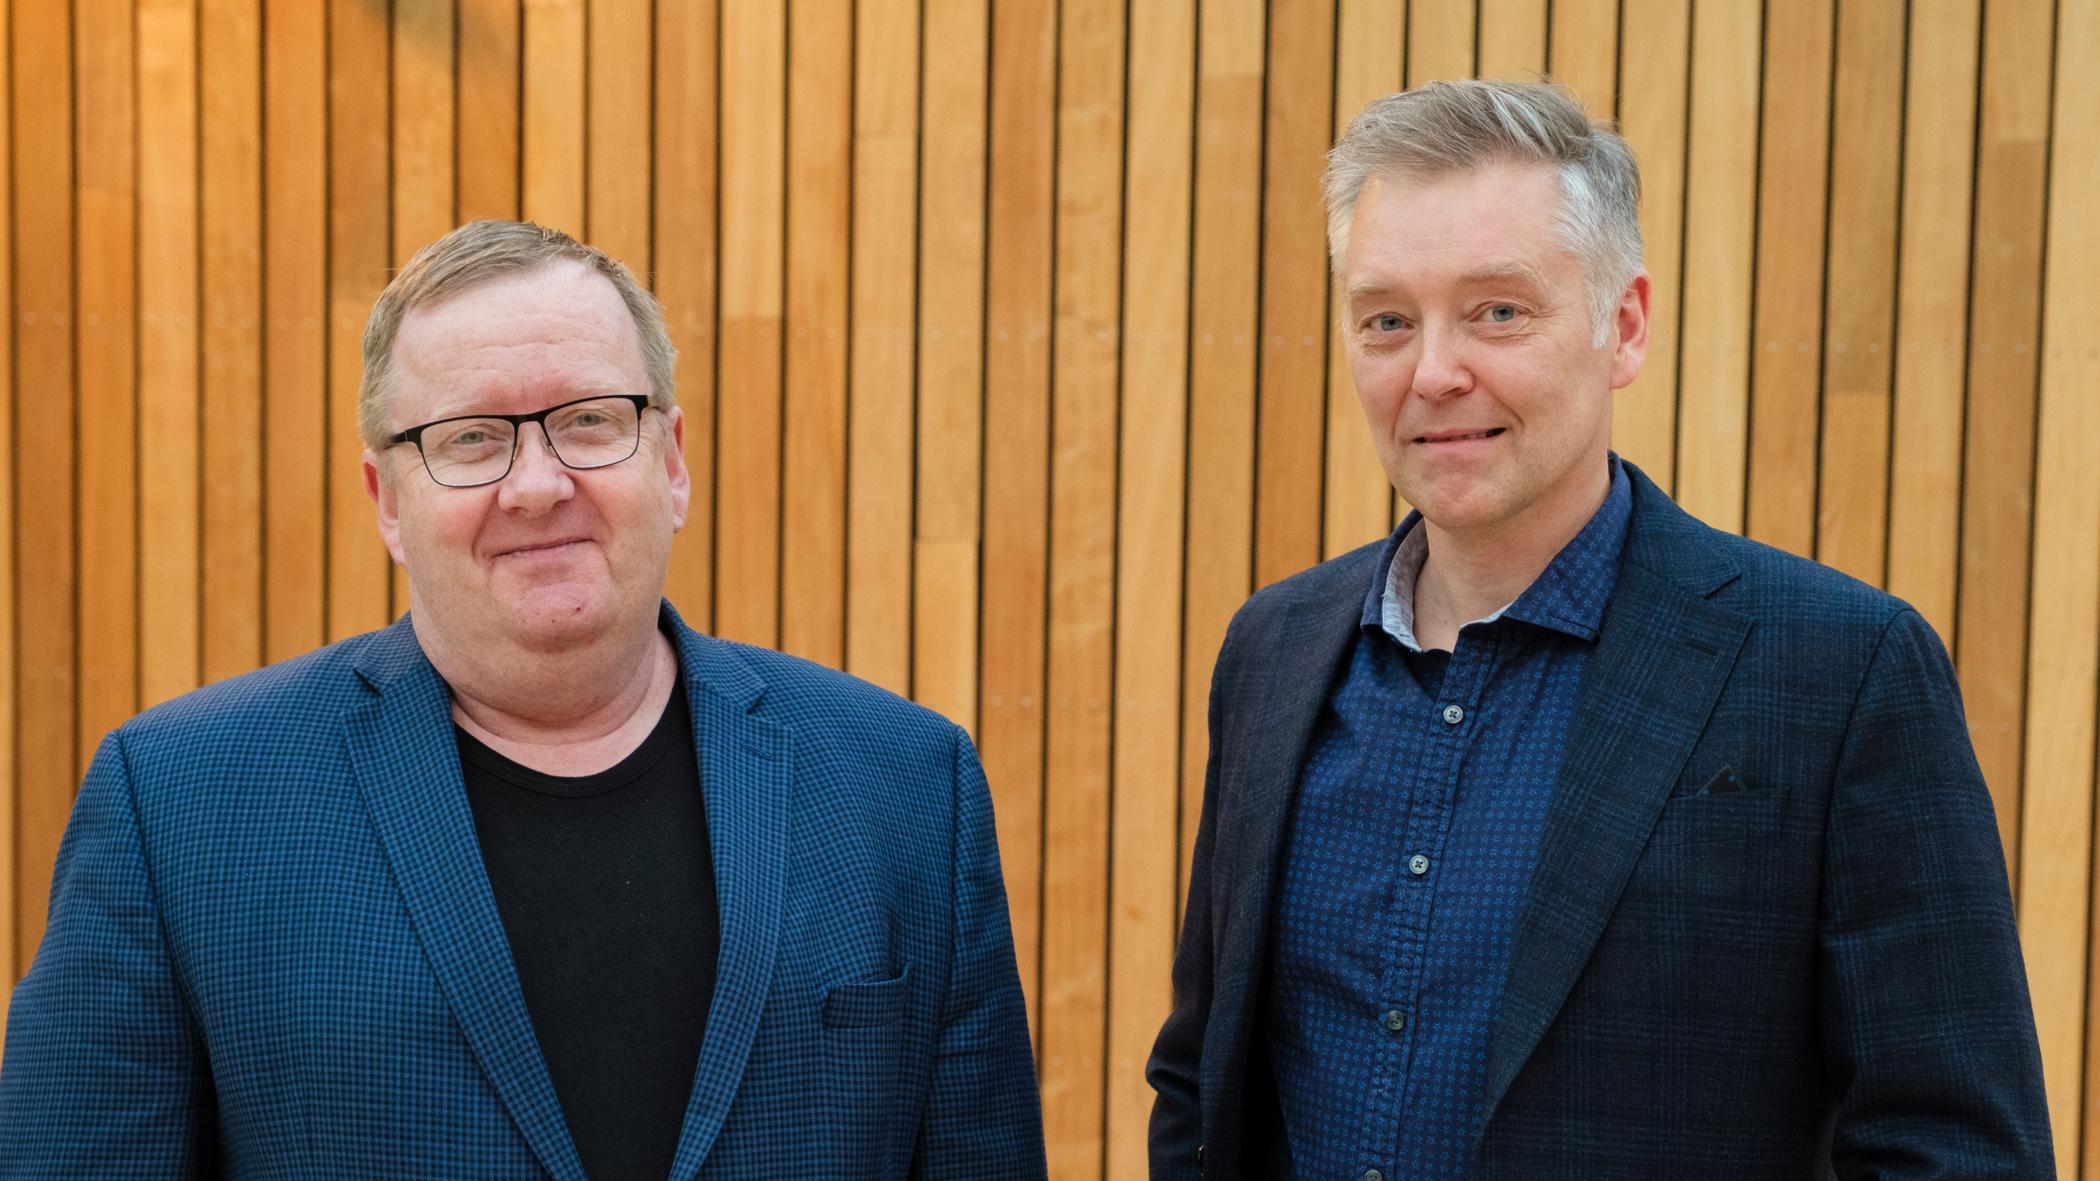 Þorgeir Þorgeirsson og Hreinn Magnússon starfa við erfðarannsóknir hjá Íslenskri …